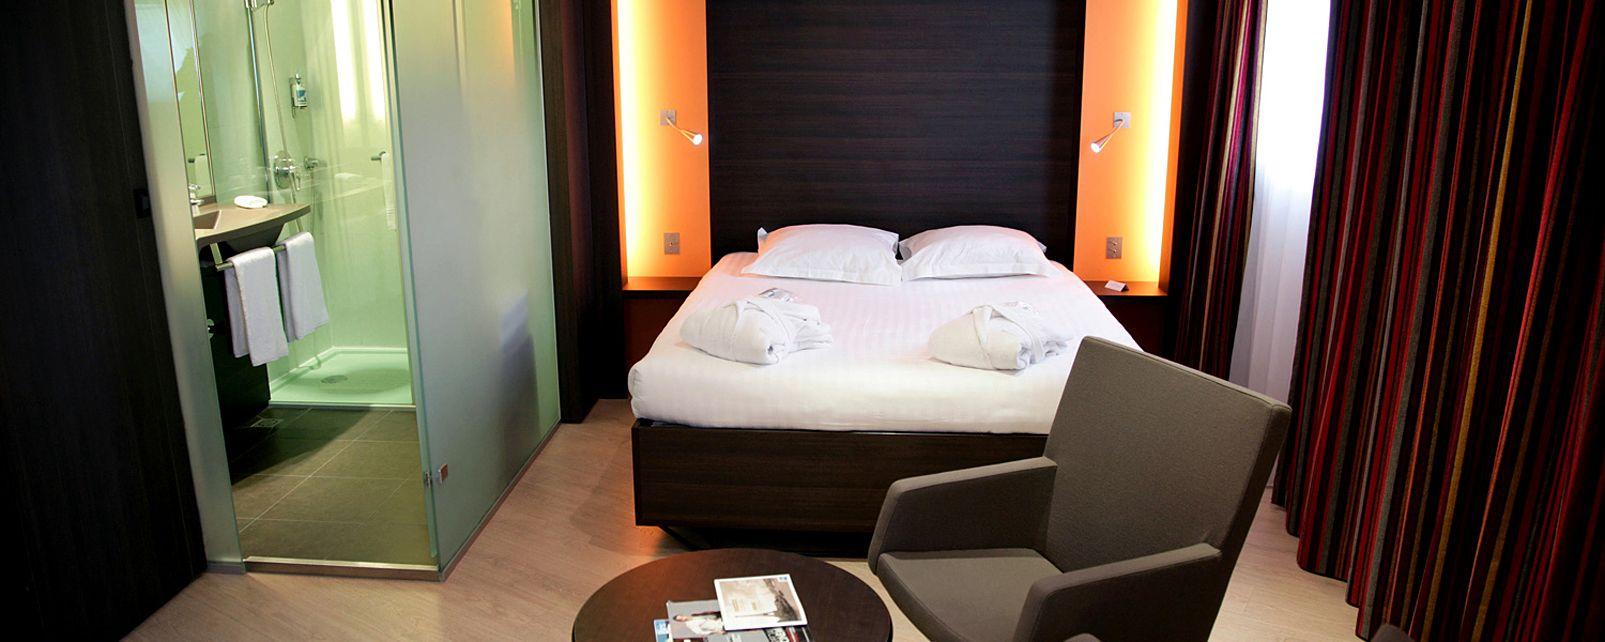 Hotel oceania paris porte de versailles paris frankreich - Hotel oceania paris porte de versailles ...